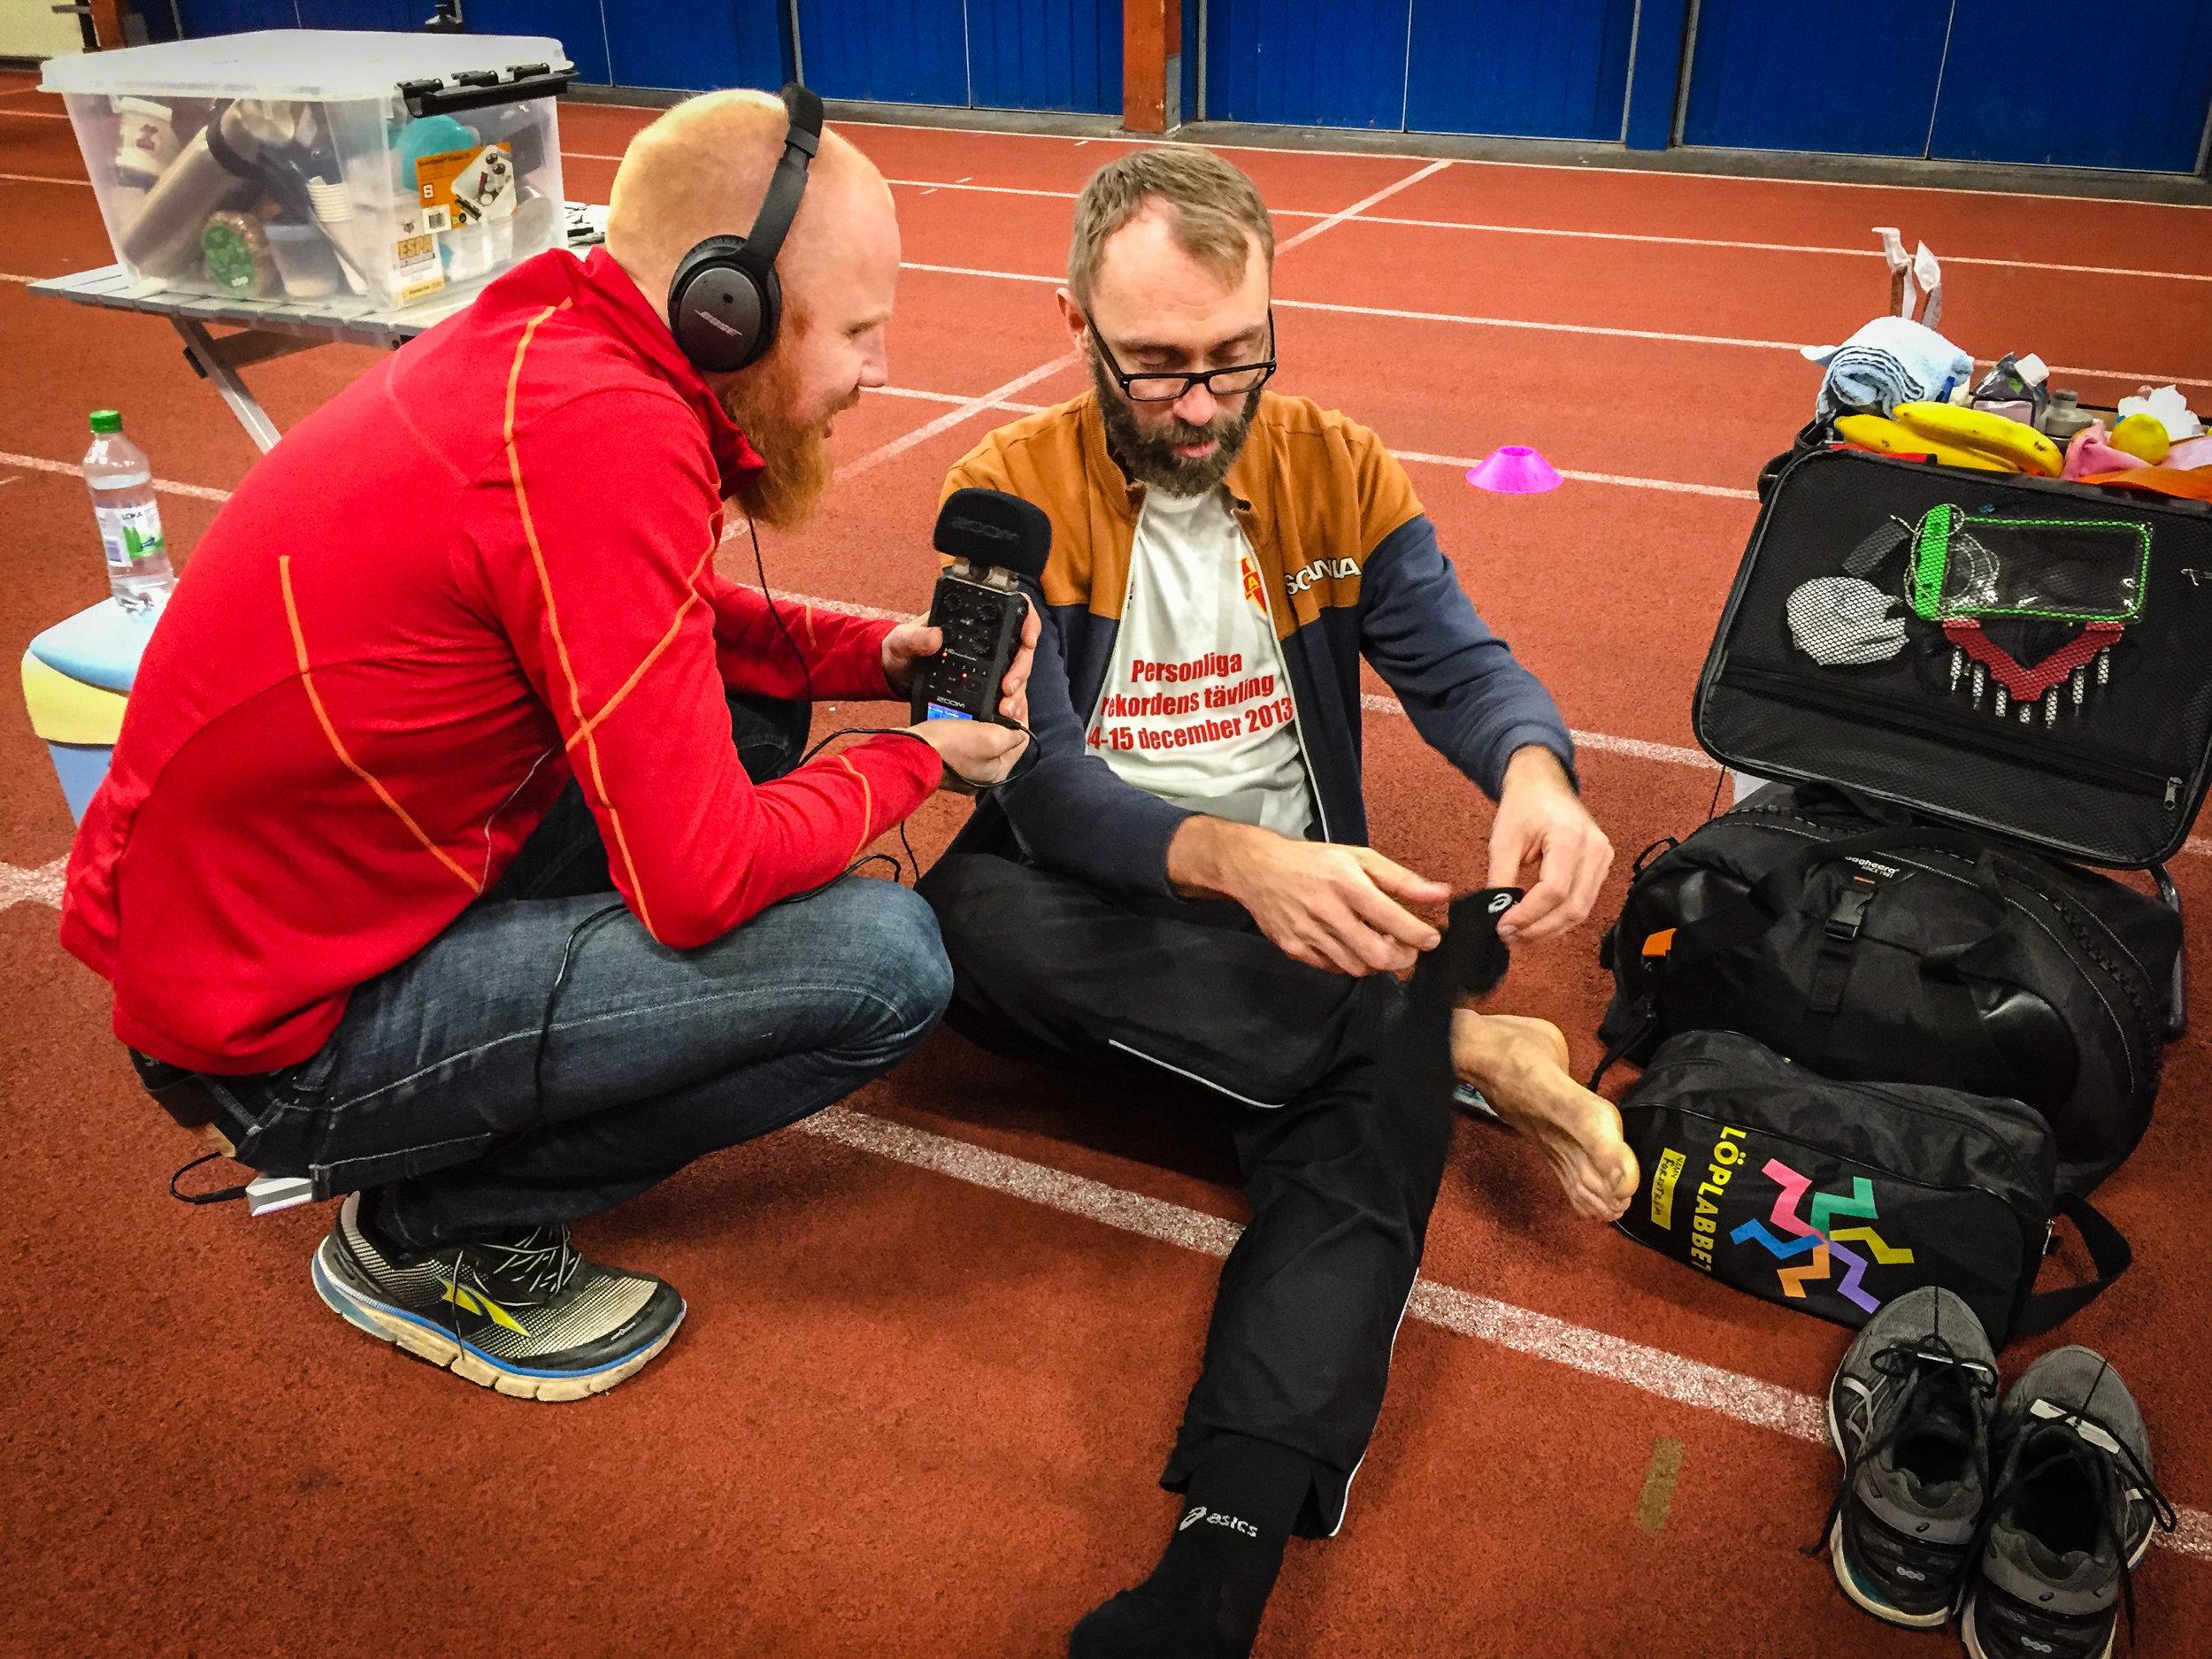 Johnny började genast intervjua löparna, här Fredrik Forsström om hur han tar hand om fötterna innan en sån här utmaning.